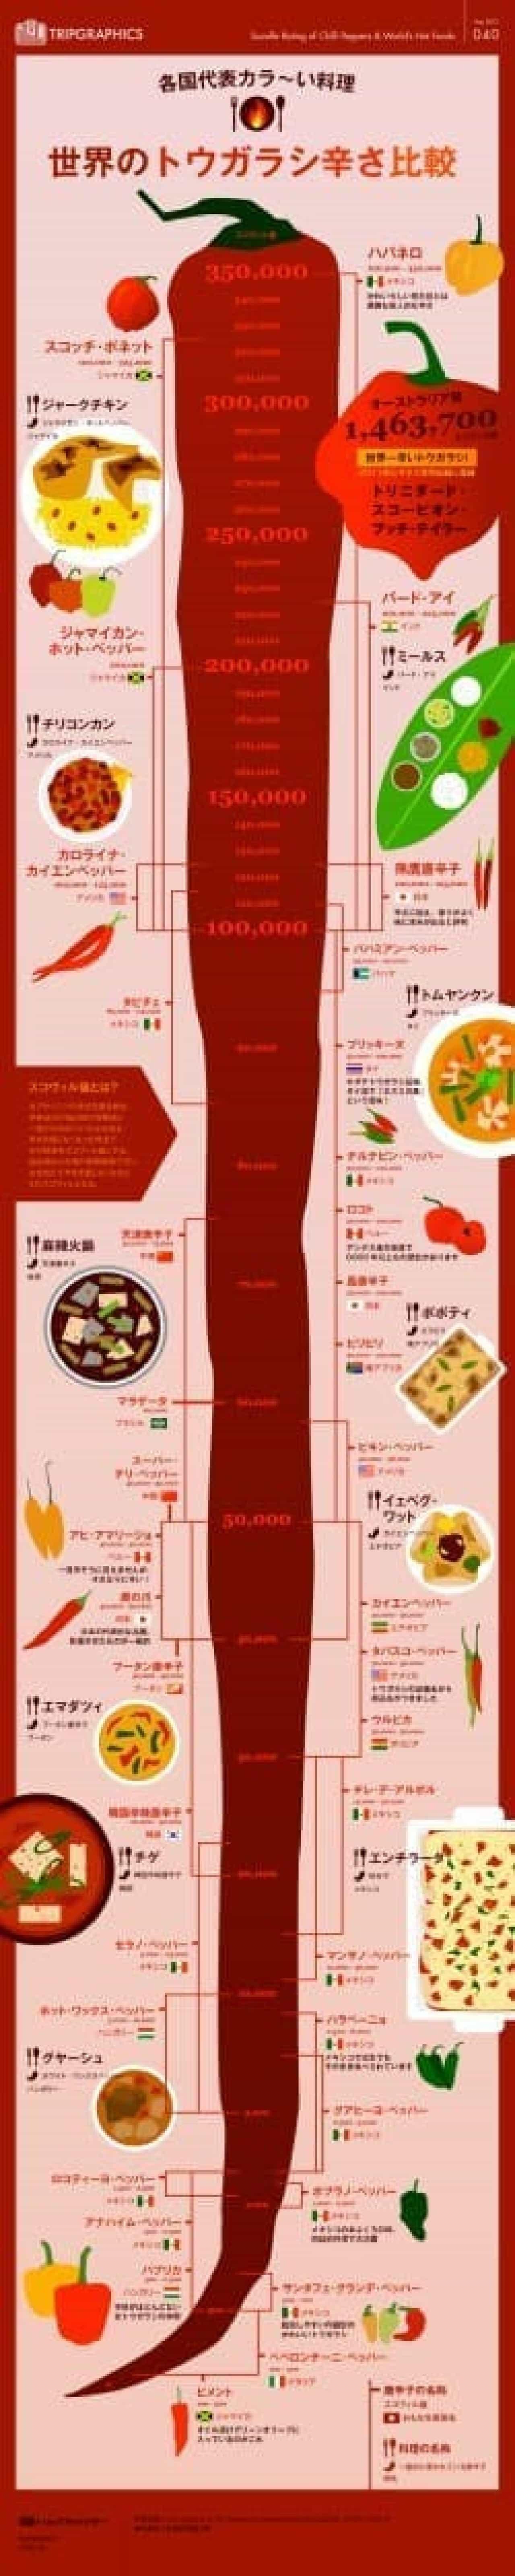 インフォグラフィック「世界のトウガラシ(&各国代表カラ~い料理)辛さ比較」を公開。世界のいろいろな唐辛子の品種の辛さ(スコヴィル値)比較と、それらの唐辛子を使った辛い料理をまとめている。